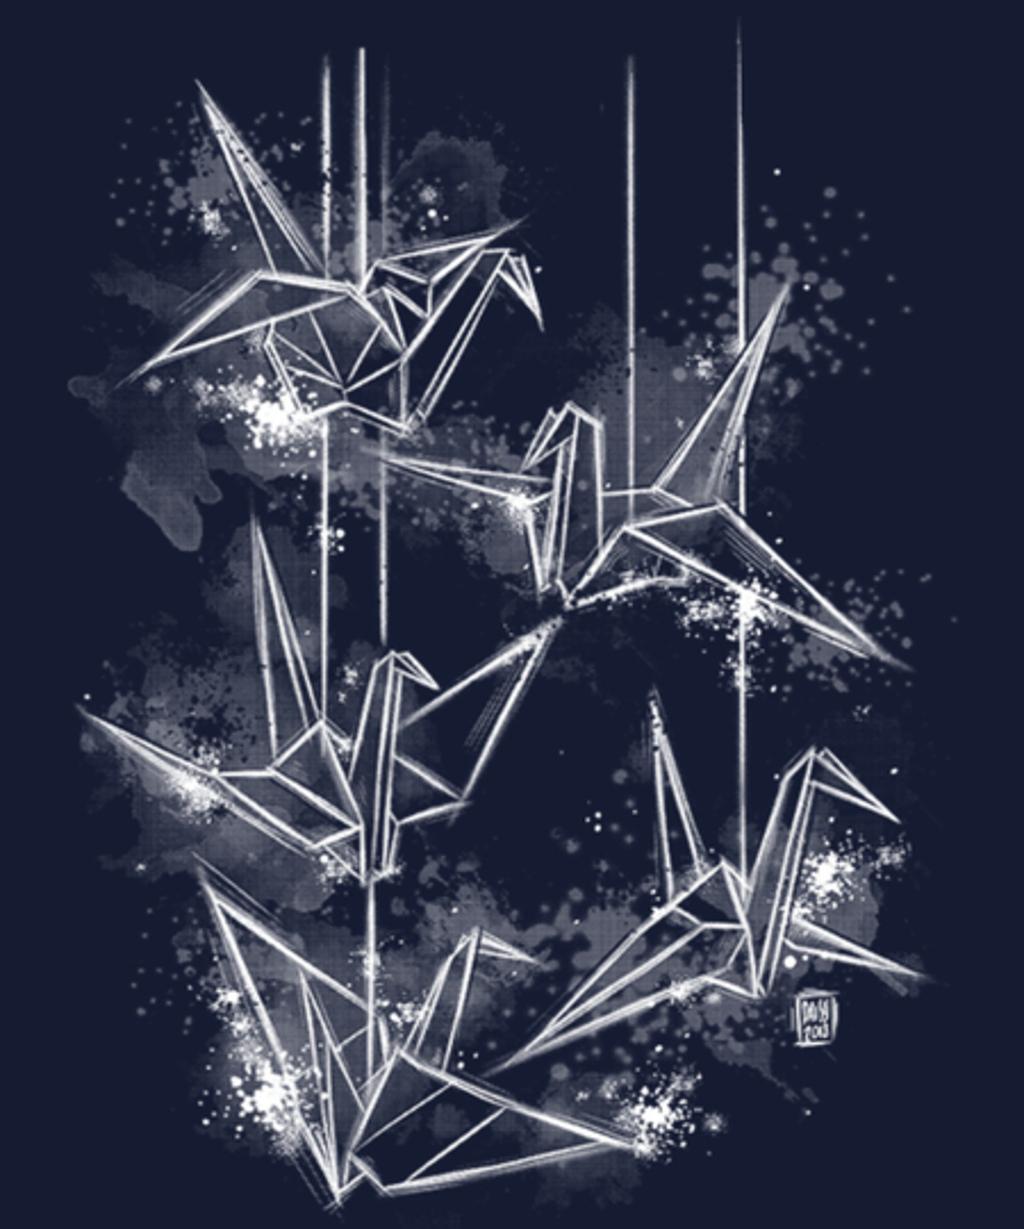 Qwertee: Negative origami dream